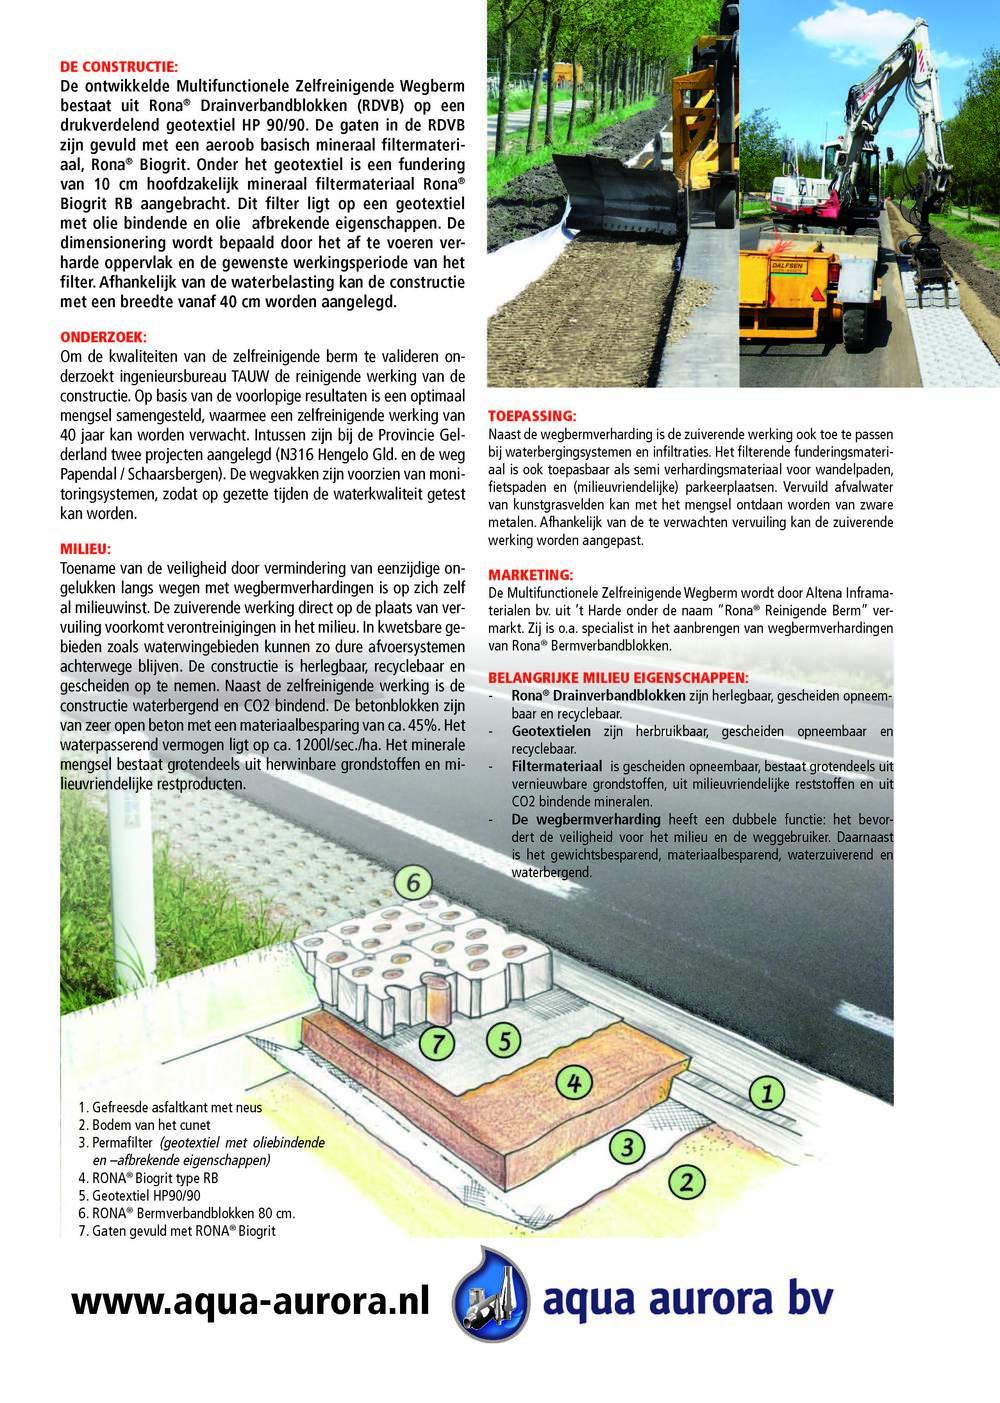 pagina 2 van de flyer